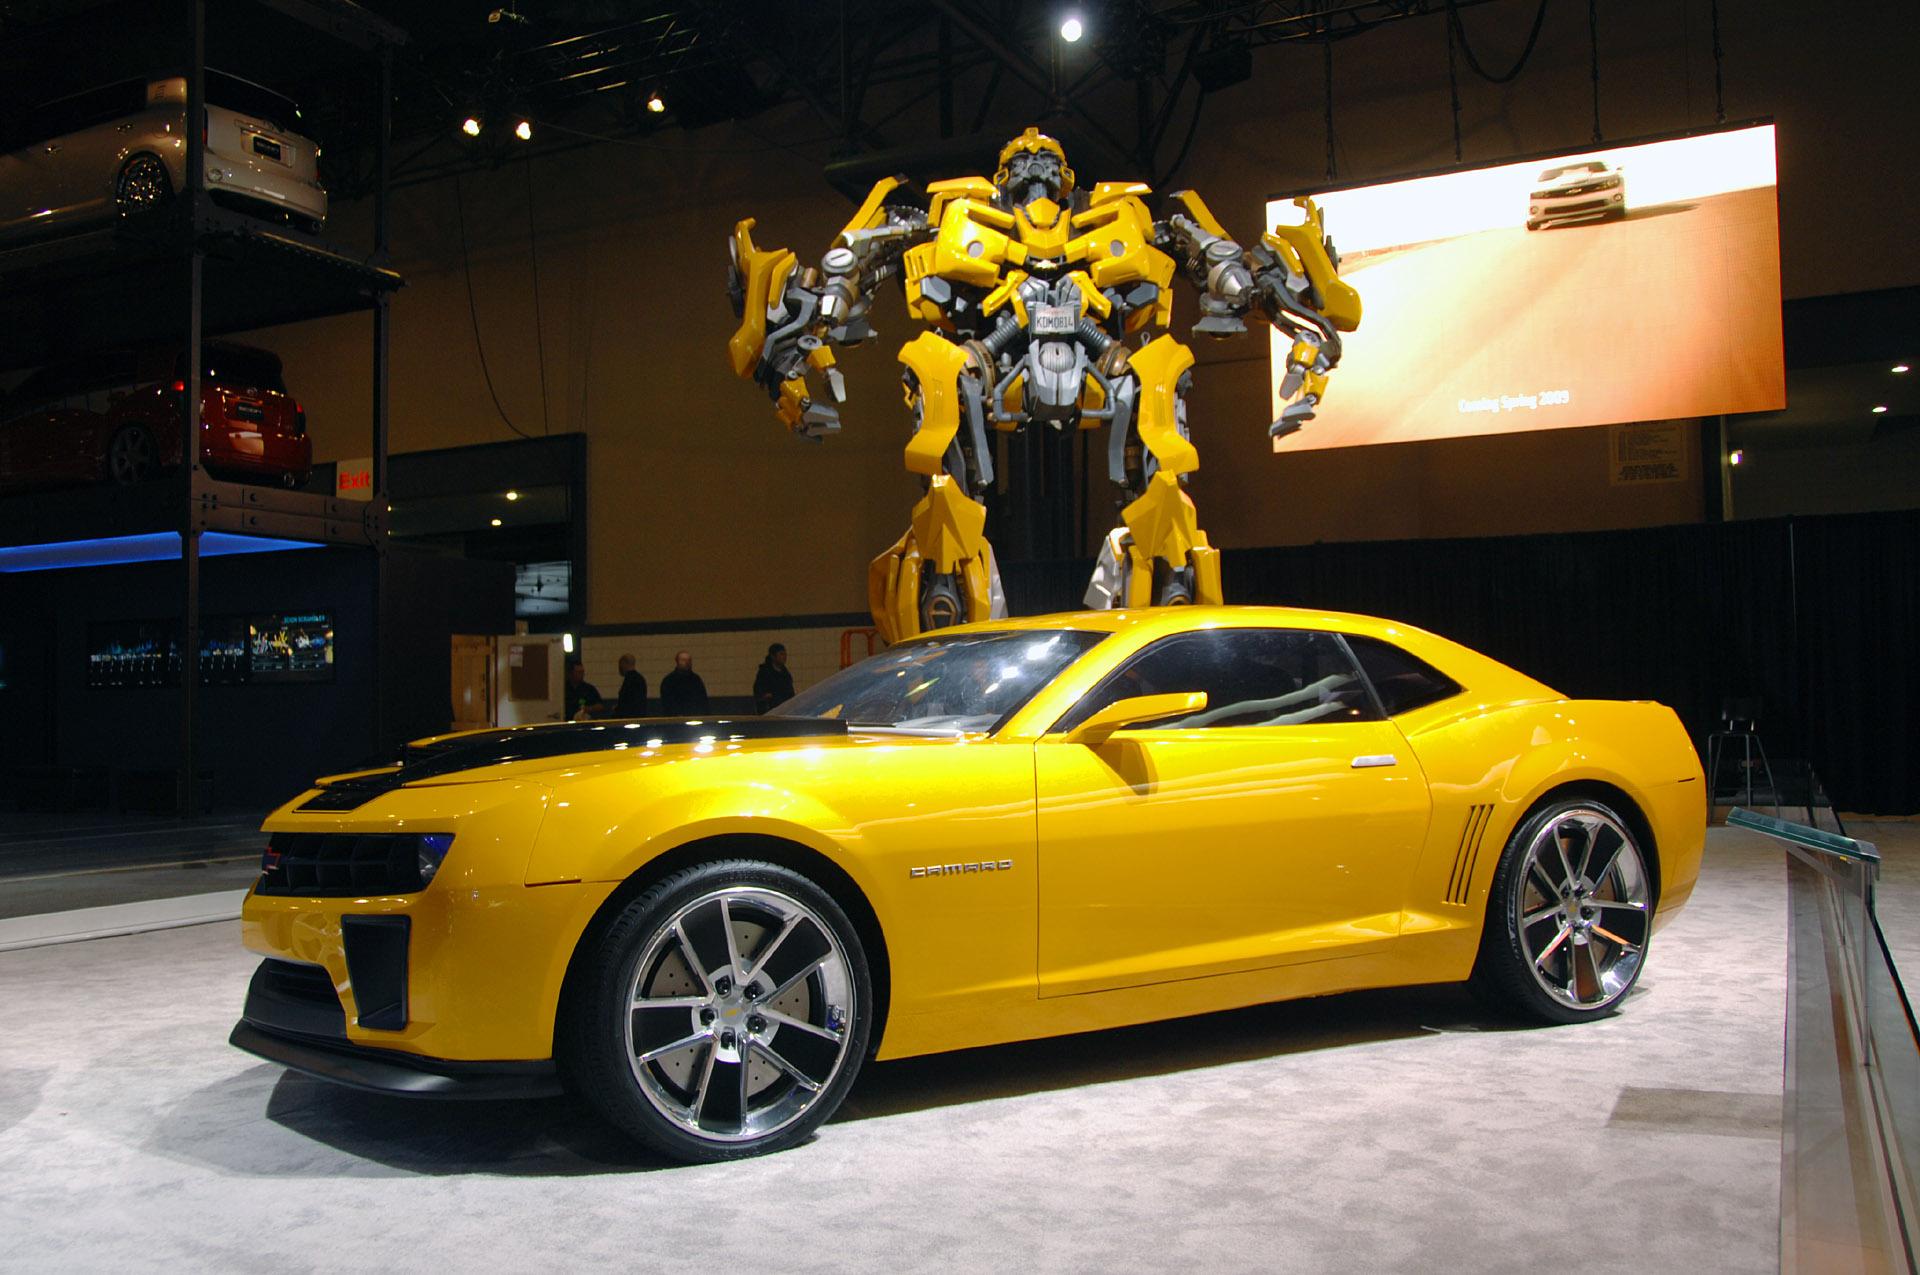 Brinquedo para gente grande chevrolet camaro transformers - Transformers bumblebee car wallpaper ...